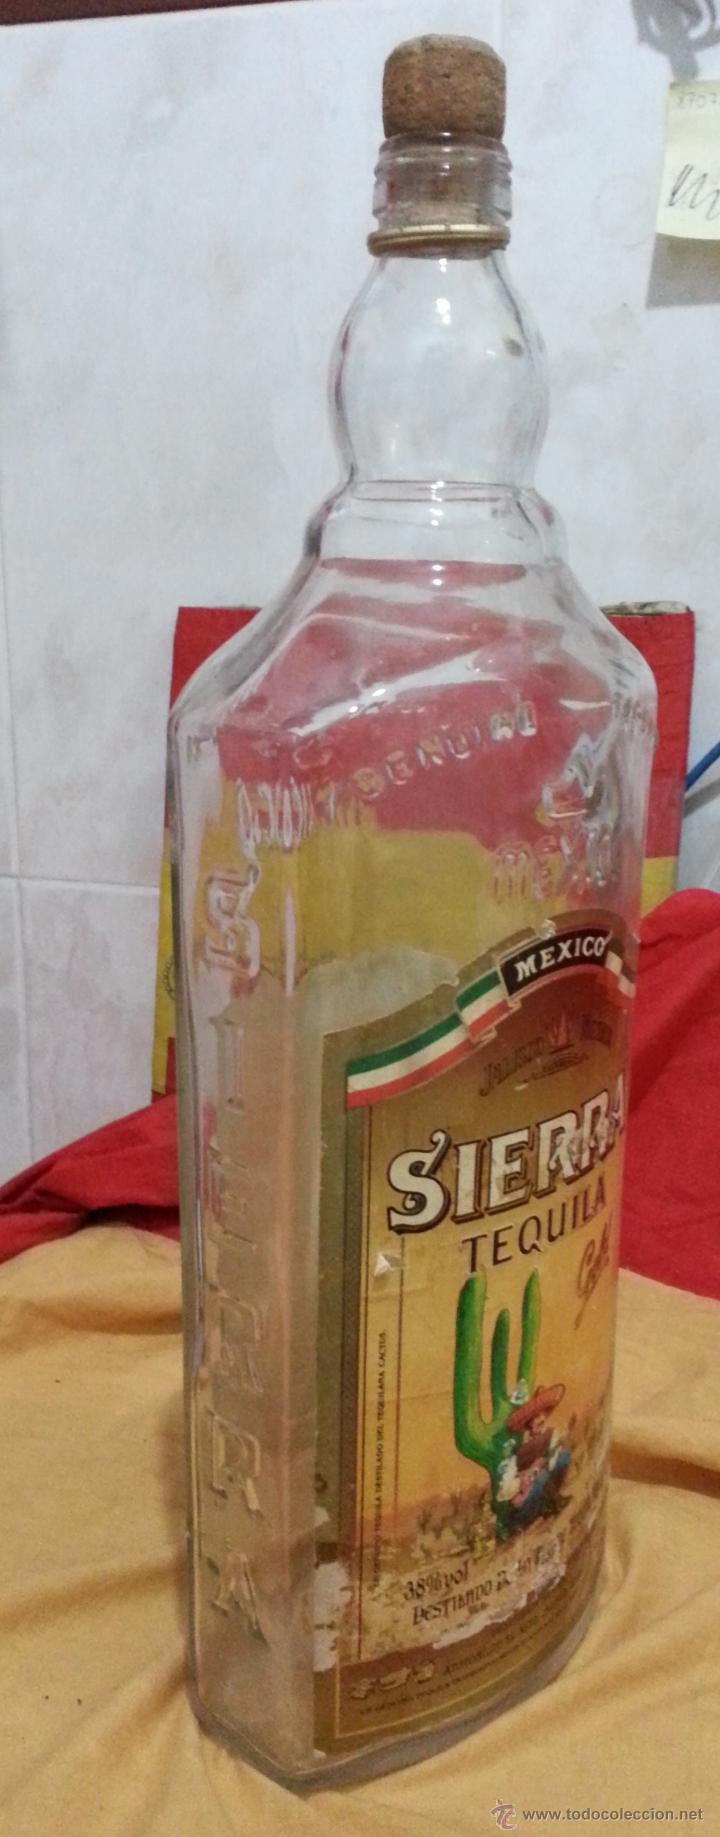 BOTELLA DE TEQUILA MARCA SIERRA AÑOS 70 DE 3 LITROS (Coleccionismo - Botellas y Bebidas - Botellas Antiguas)